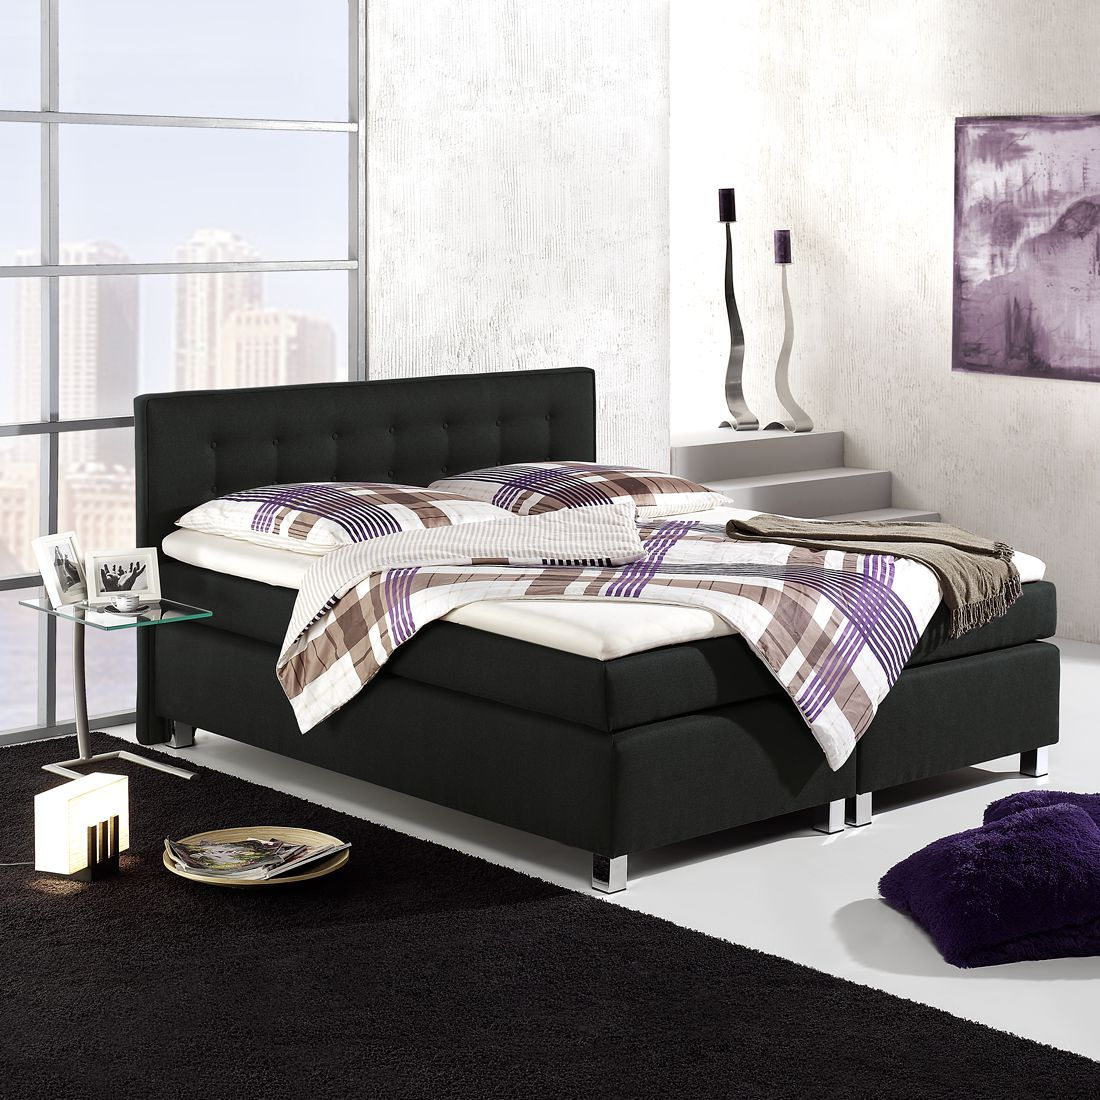 Kinder Einzelbetten | Finde das passende Bett fürs Kind | home24